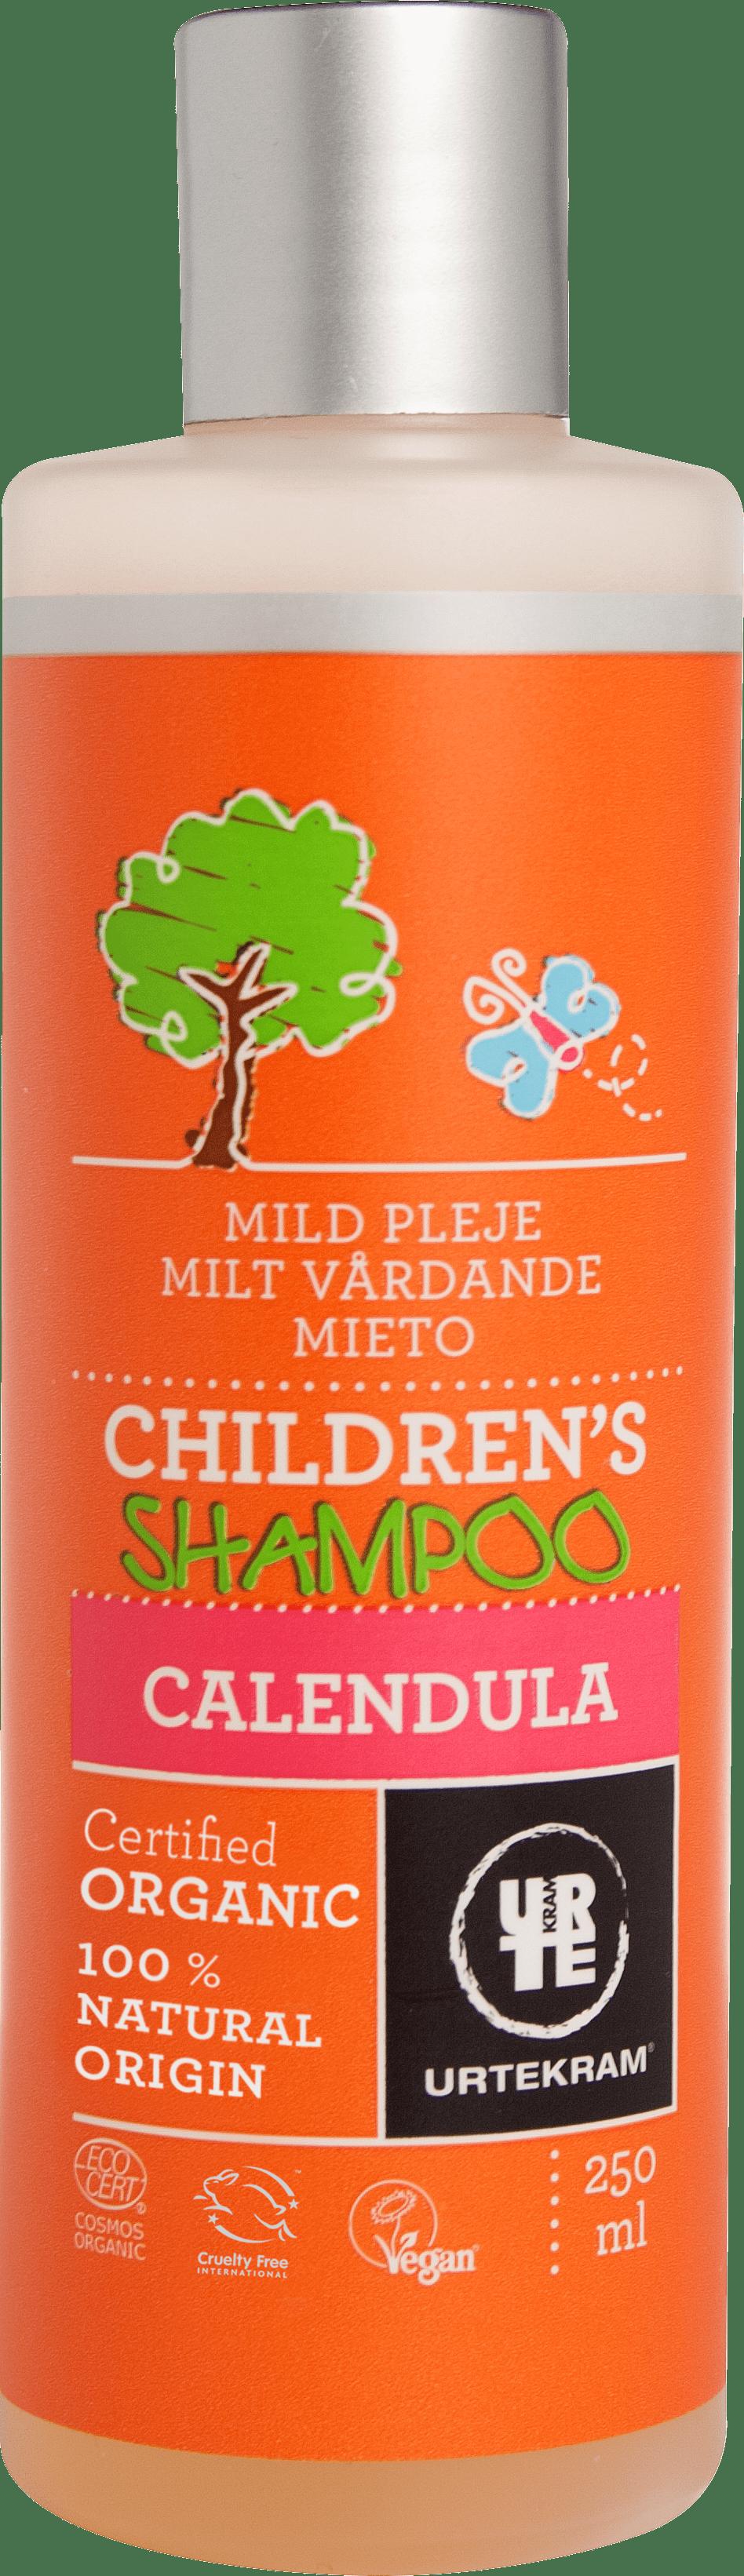 Urtekram Органічний ніжний шампунь для дітей. 250мл - купить в интернет-магазине Юнимед